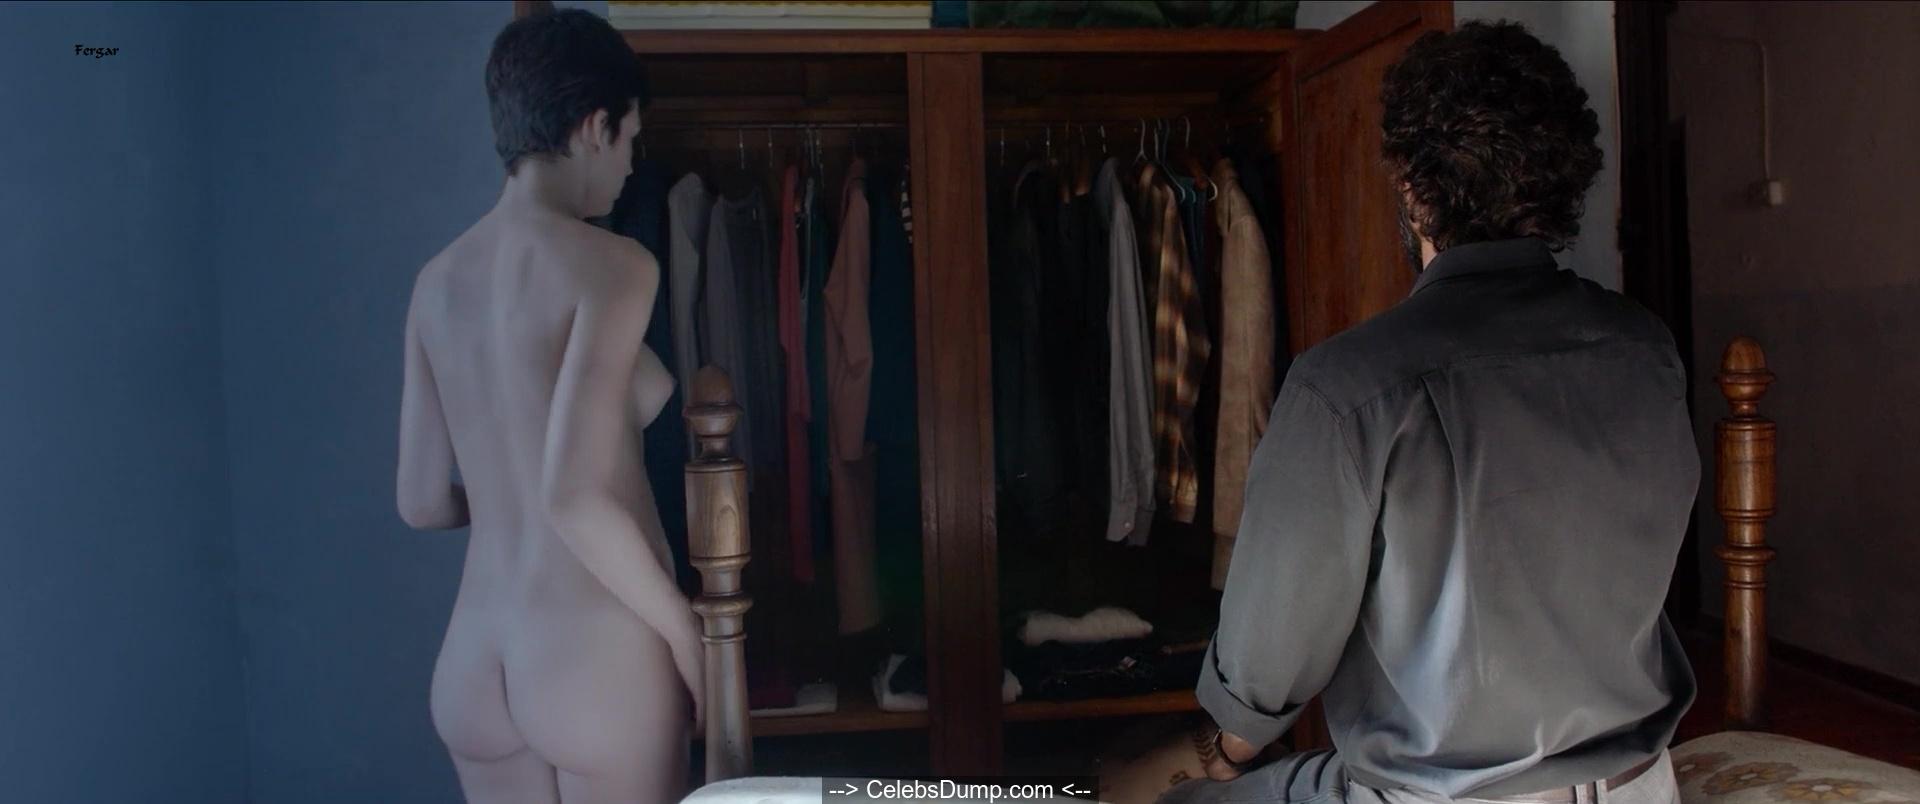 Naked corbero 26 Hottest